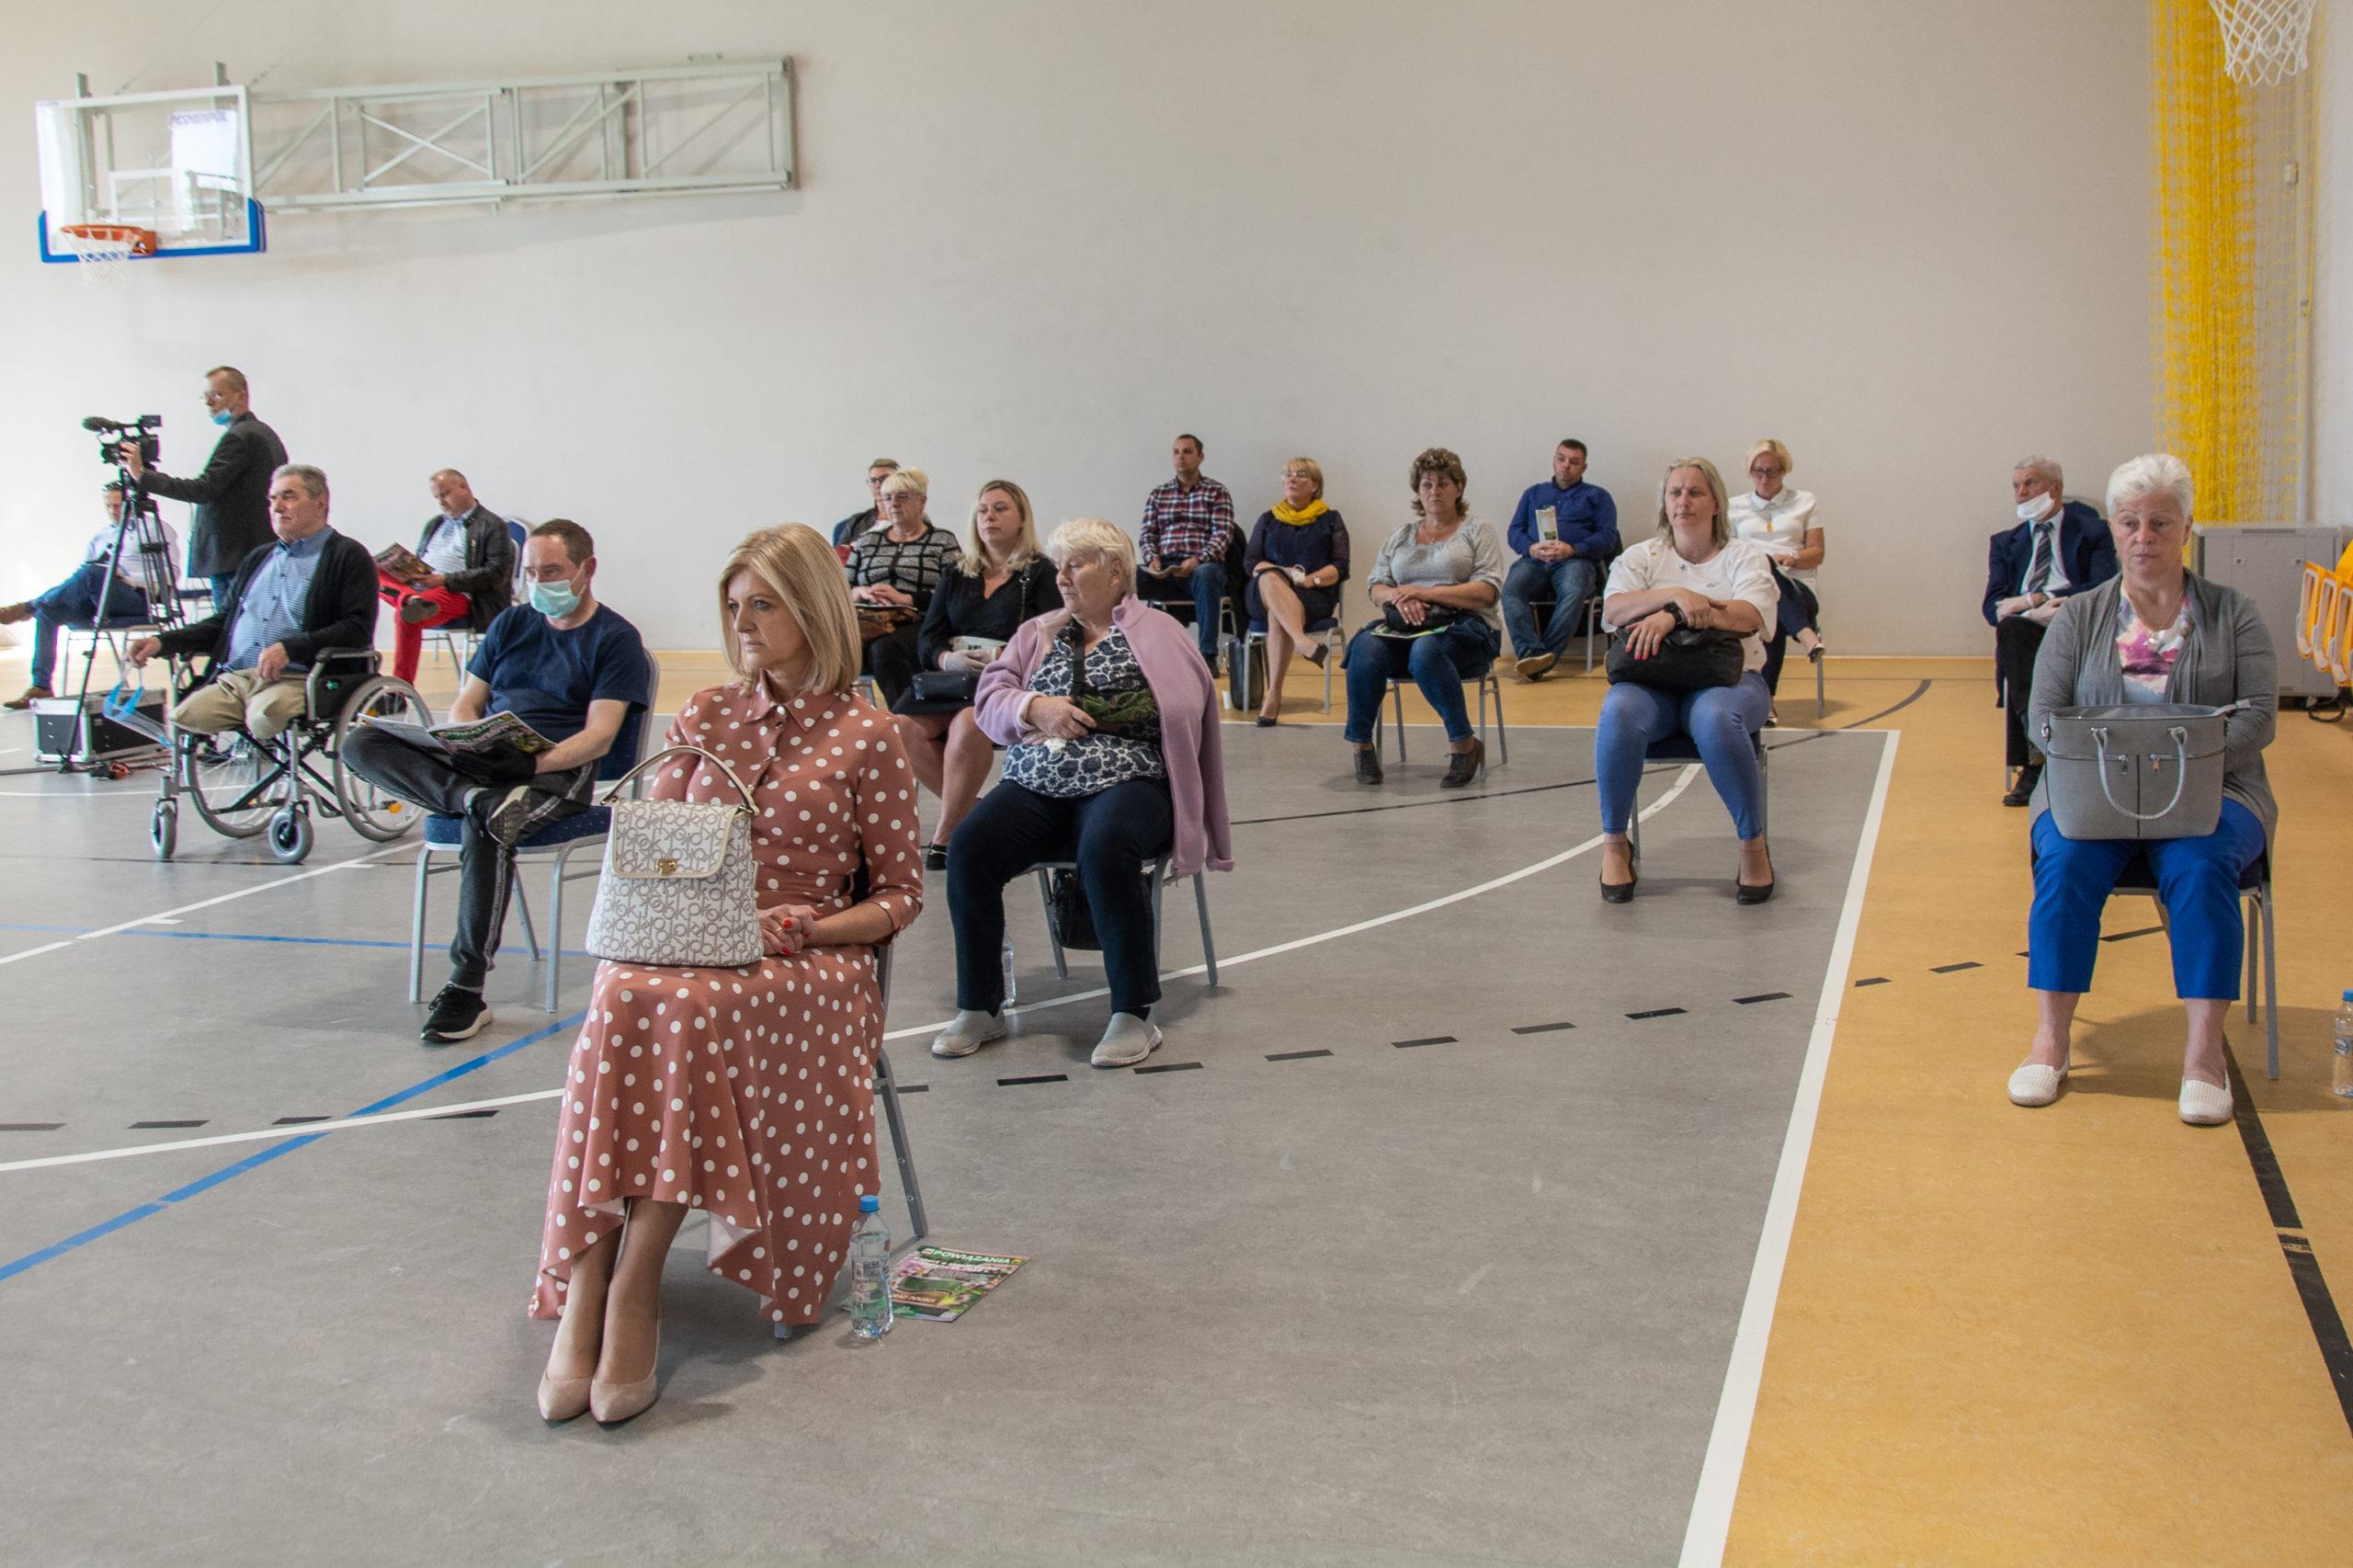 Uroczysta sesja Rady Gminy Wiązowna na sali gimnastycznej w szkole w Gliniance. Sołtysi i zaproszeni goście. Na pierwszym planie radna powiatowa Grażyna Kilbach w sukience w kropki